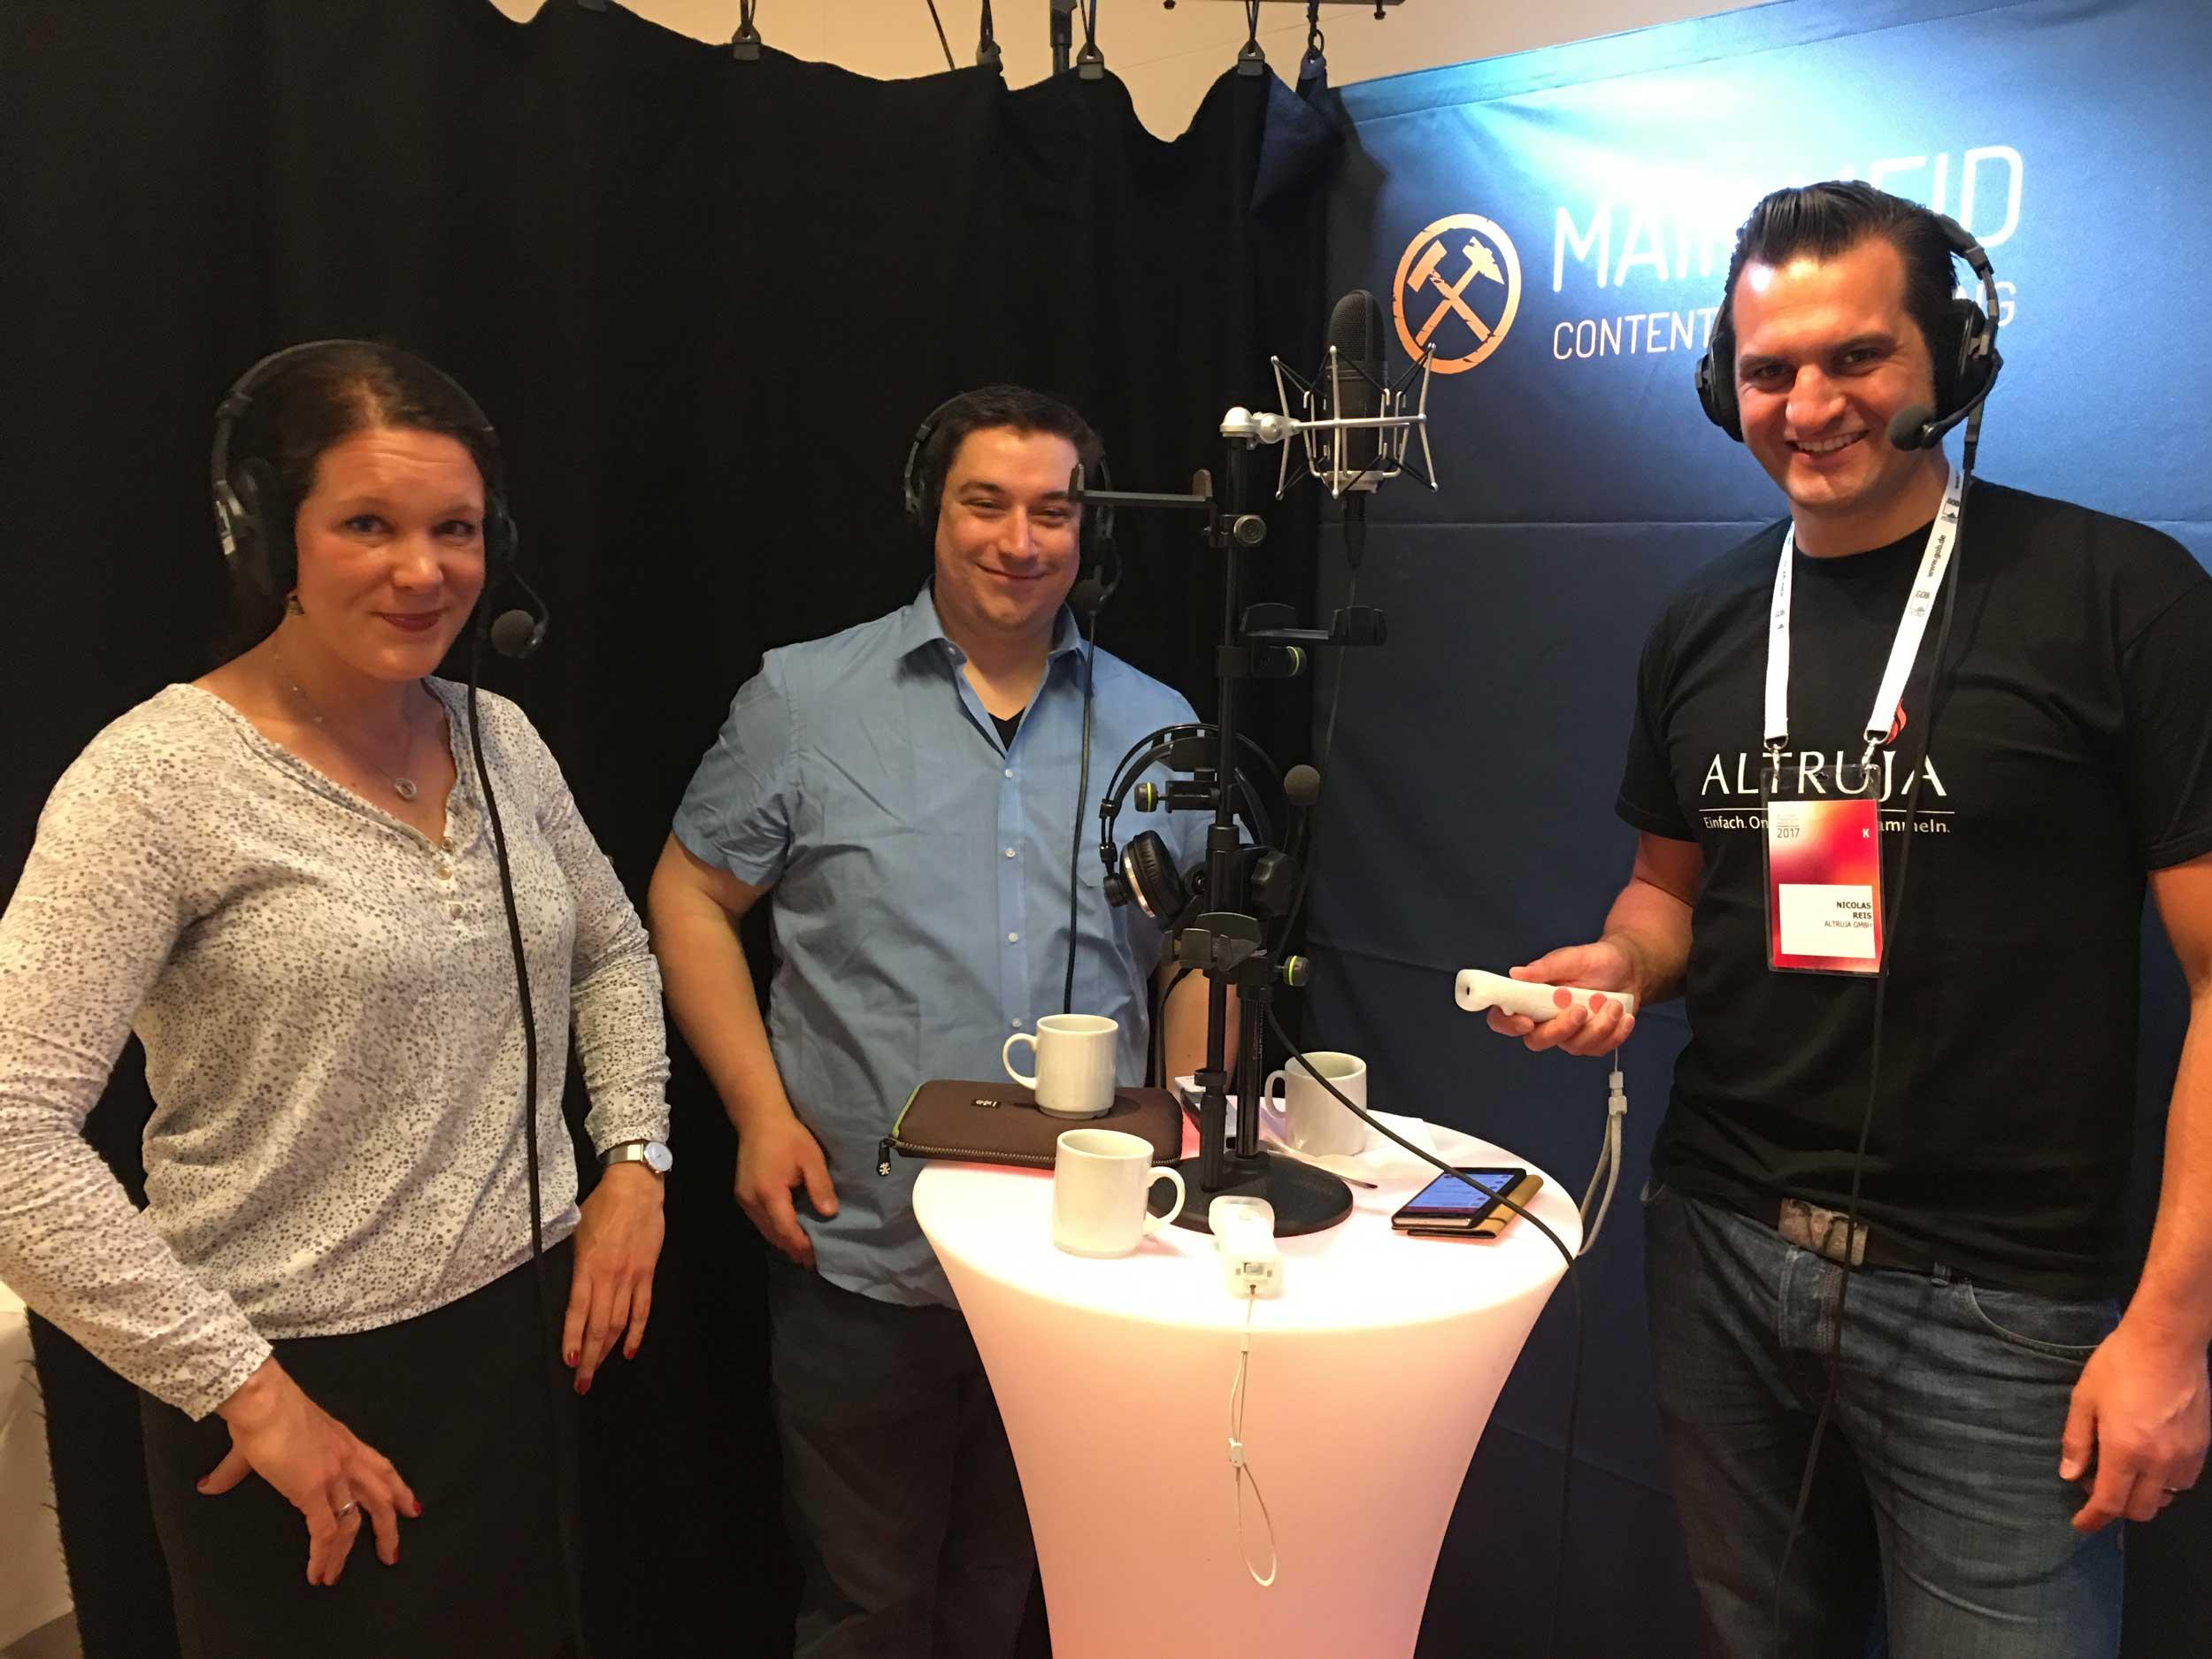 Julia-Marie Meisenburg, Lucas Scheel und Nico Reis starten in den Fundraising Kongress